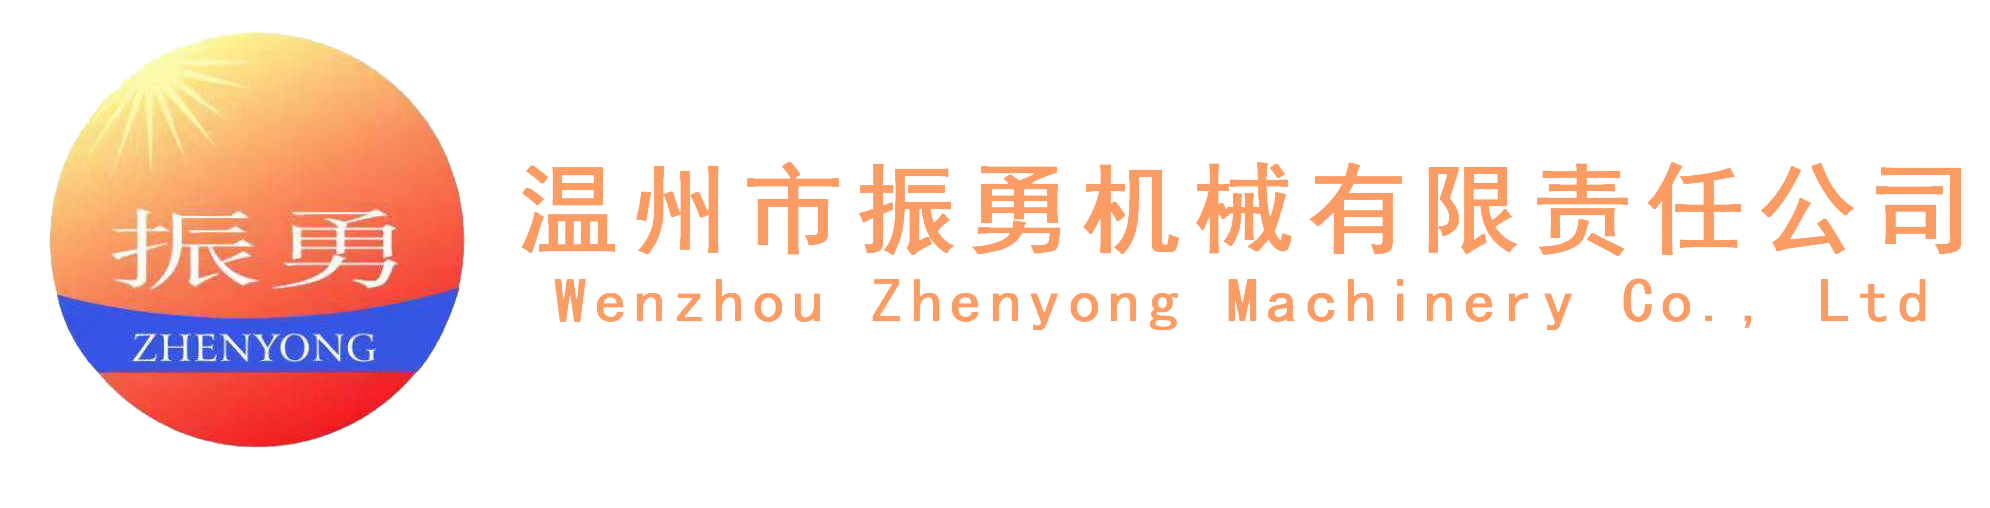 温州市振勇机械有限责任公司